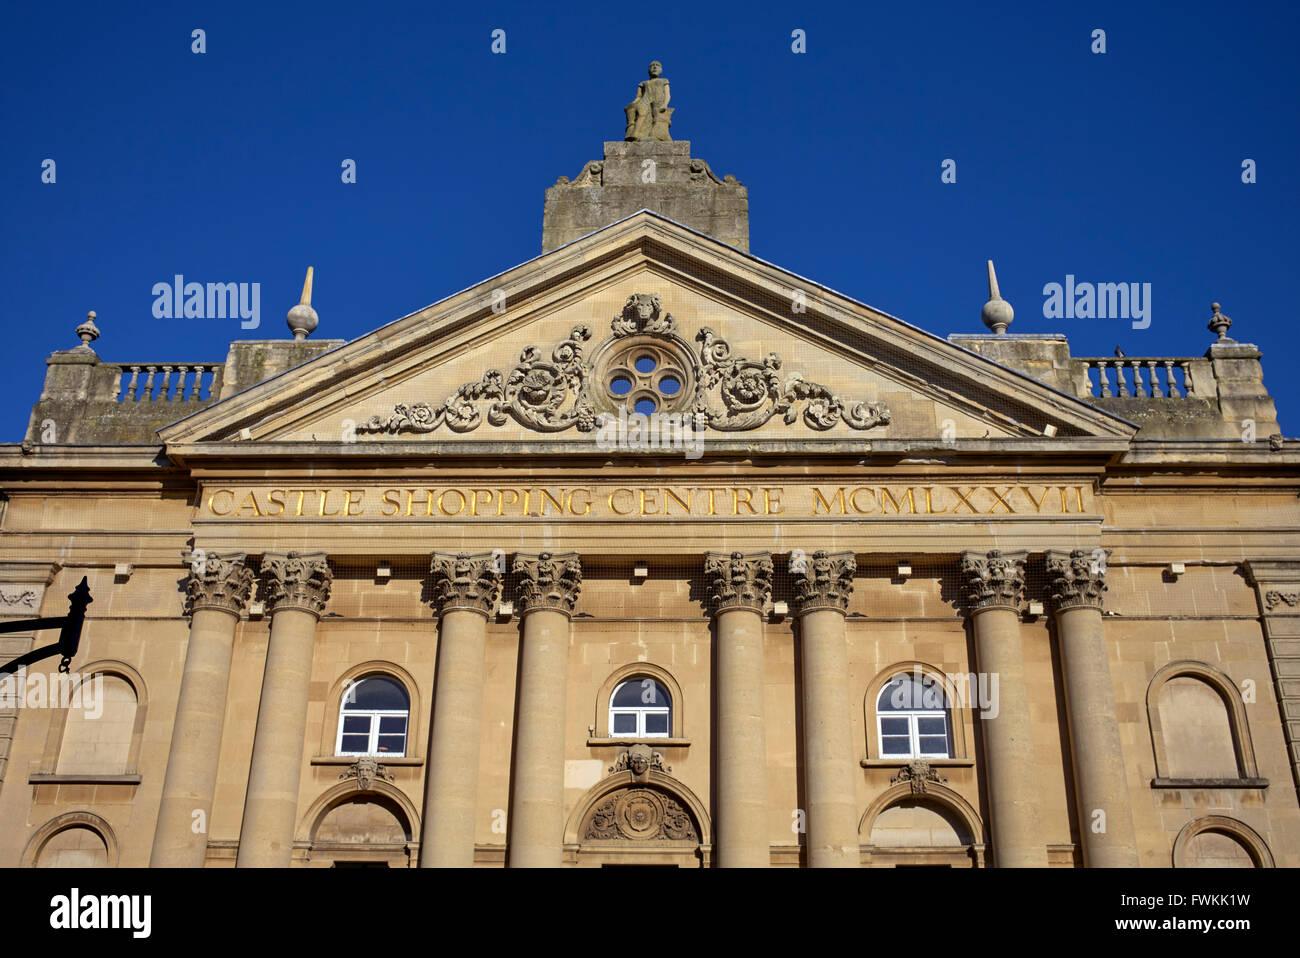 Castle Quay Shopping Center Banbury Oxfordshire England UK - Stock Image